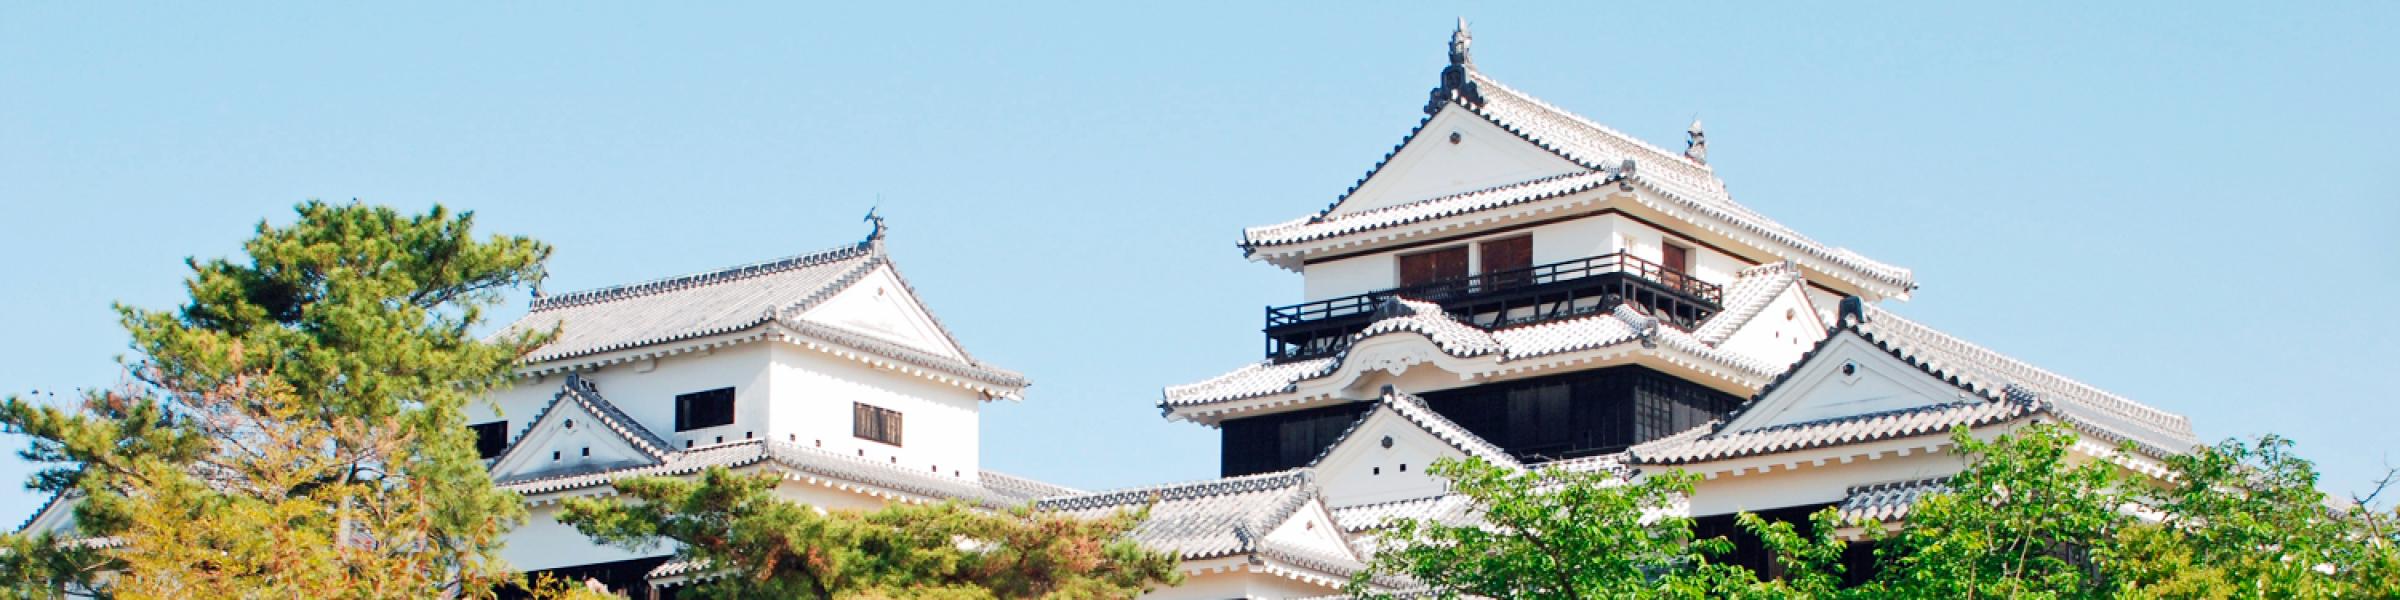 愛媛県内観光促進事業